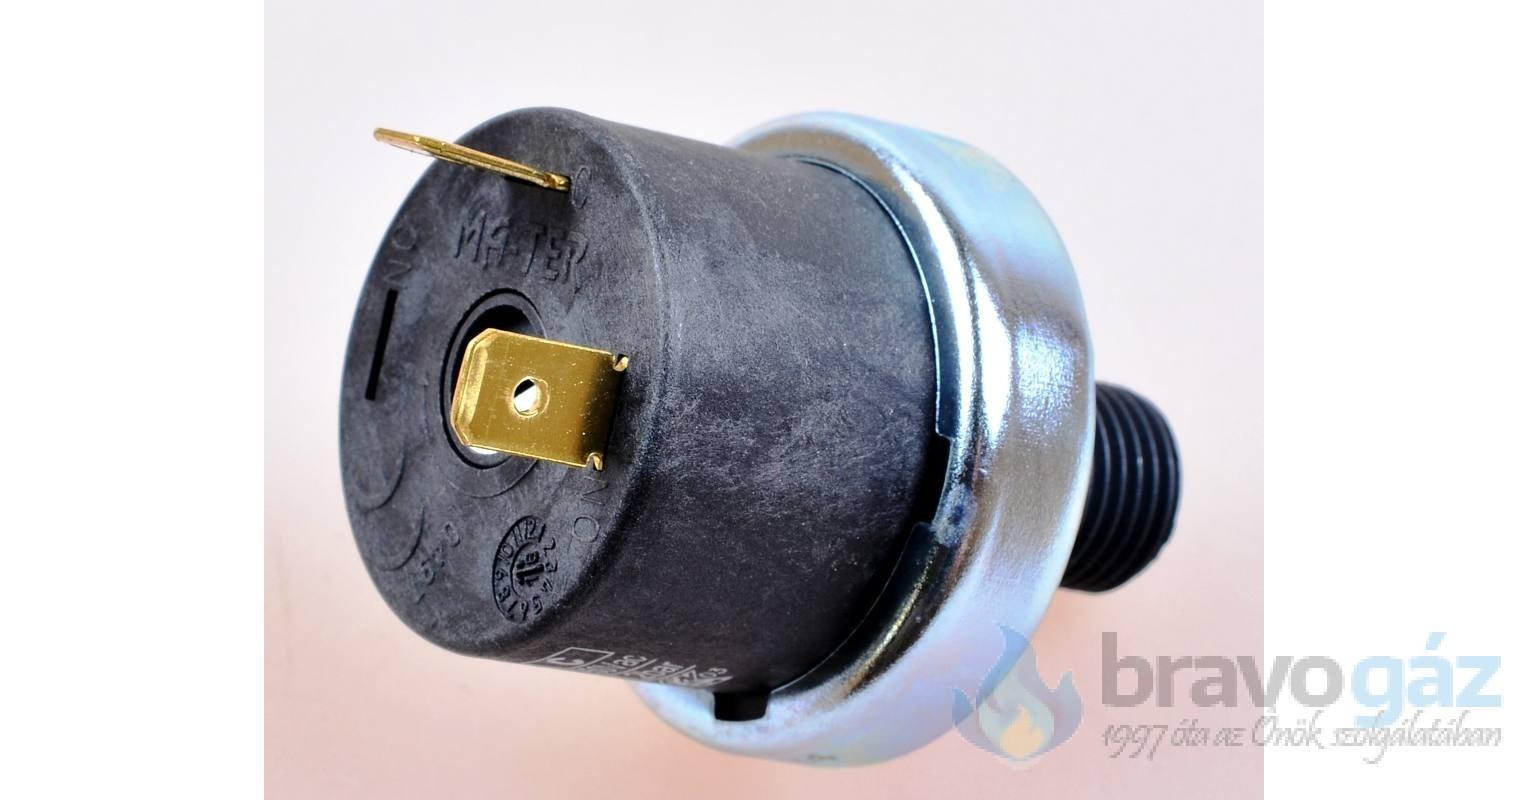 BAXI nyomáskapcsoló (Régi: 5663750) - JJJ009951690